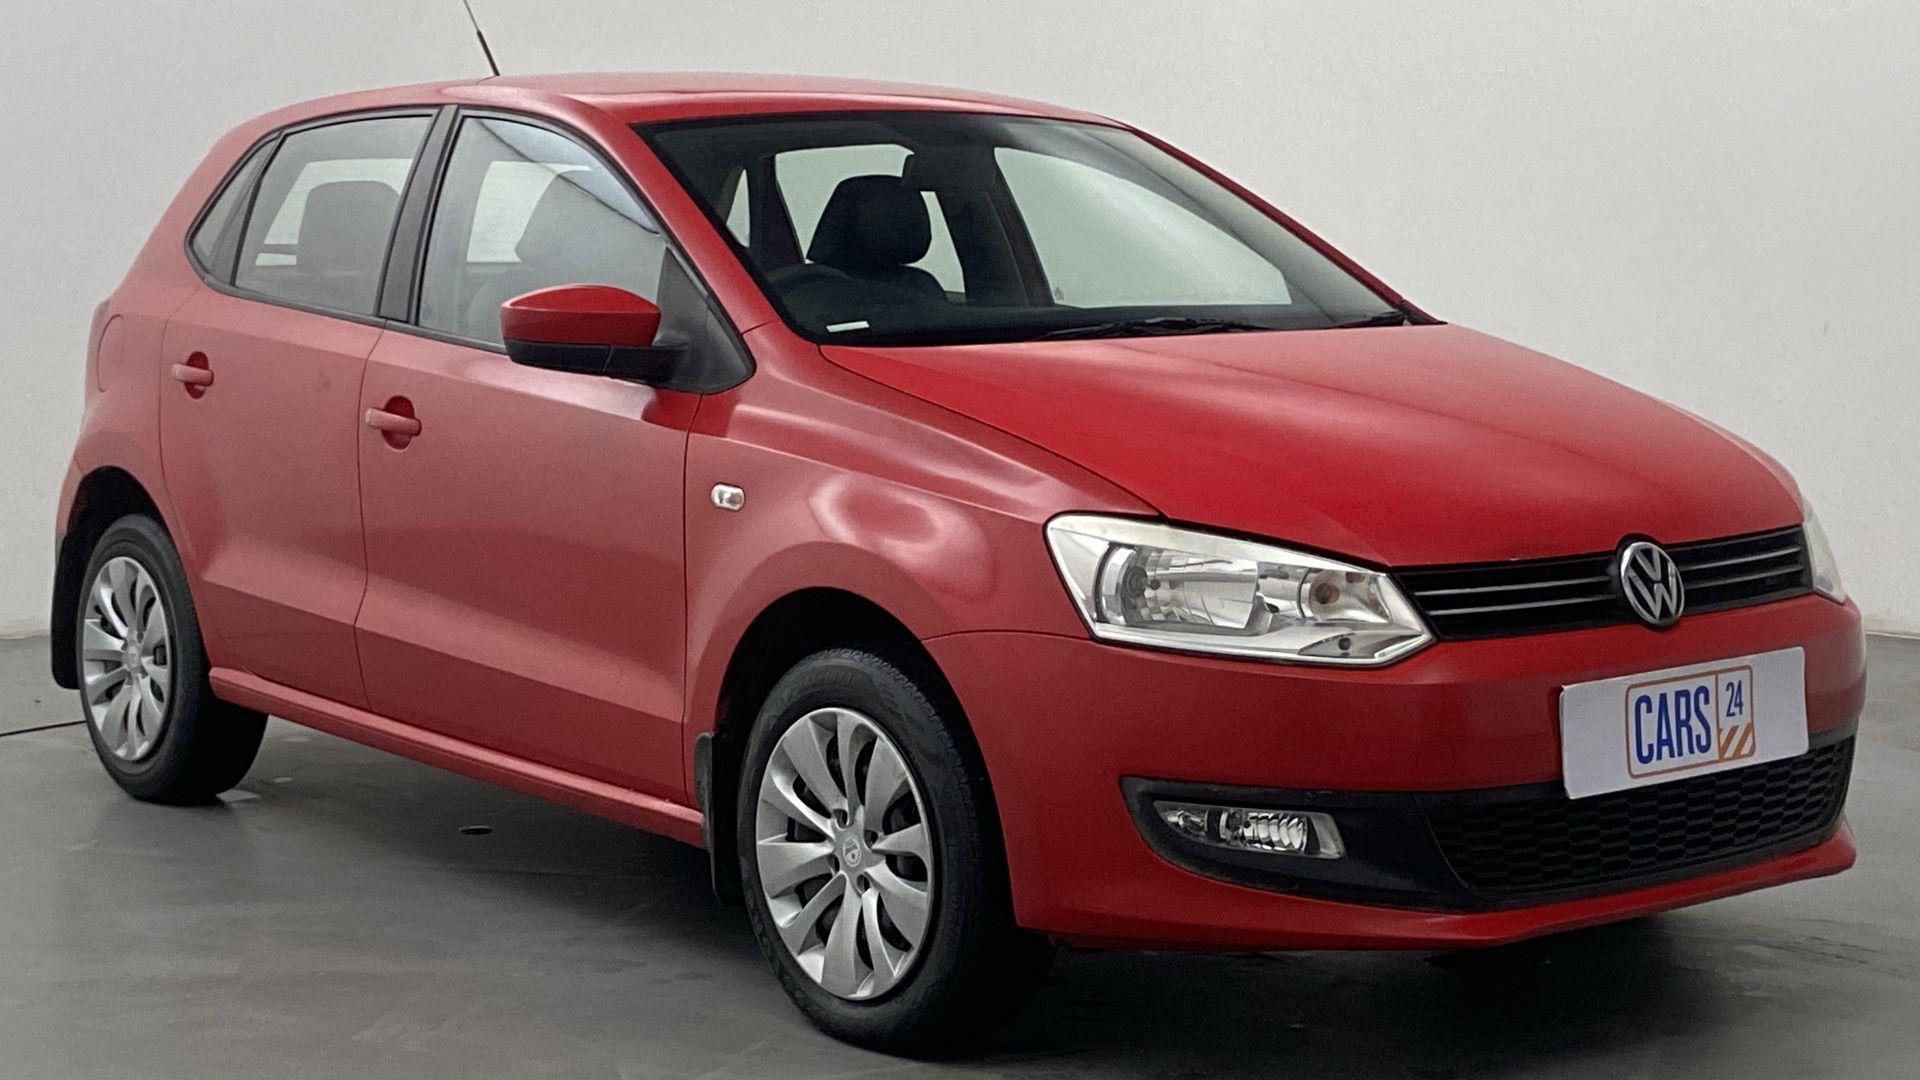 2013 Volkswagen Polo COMFORTLINE 1.2L DIESEL